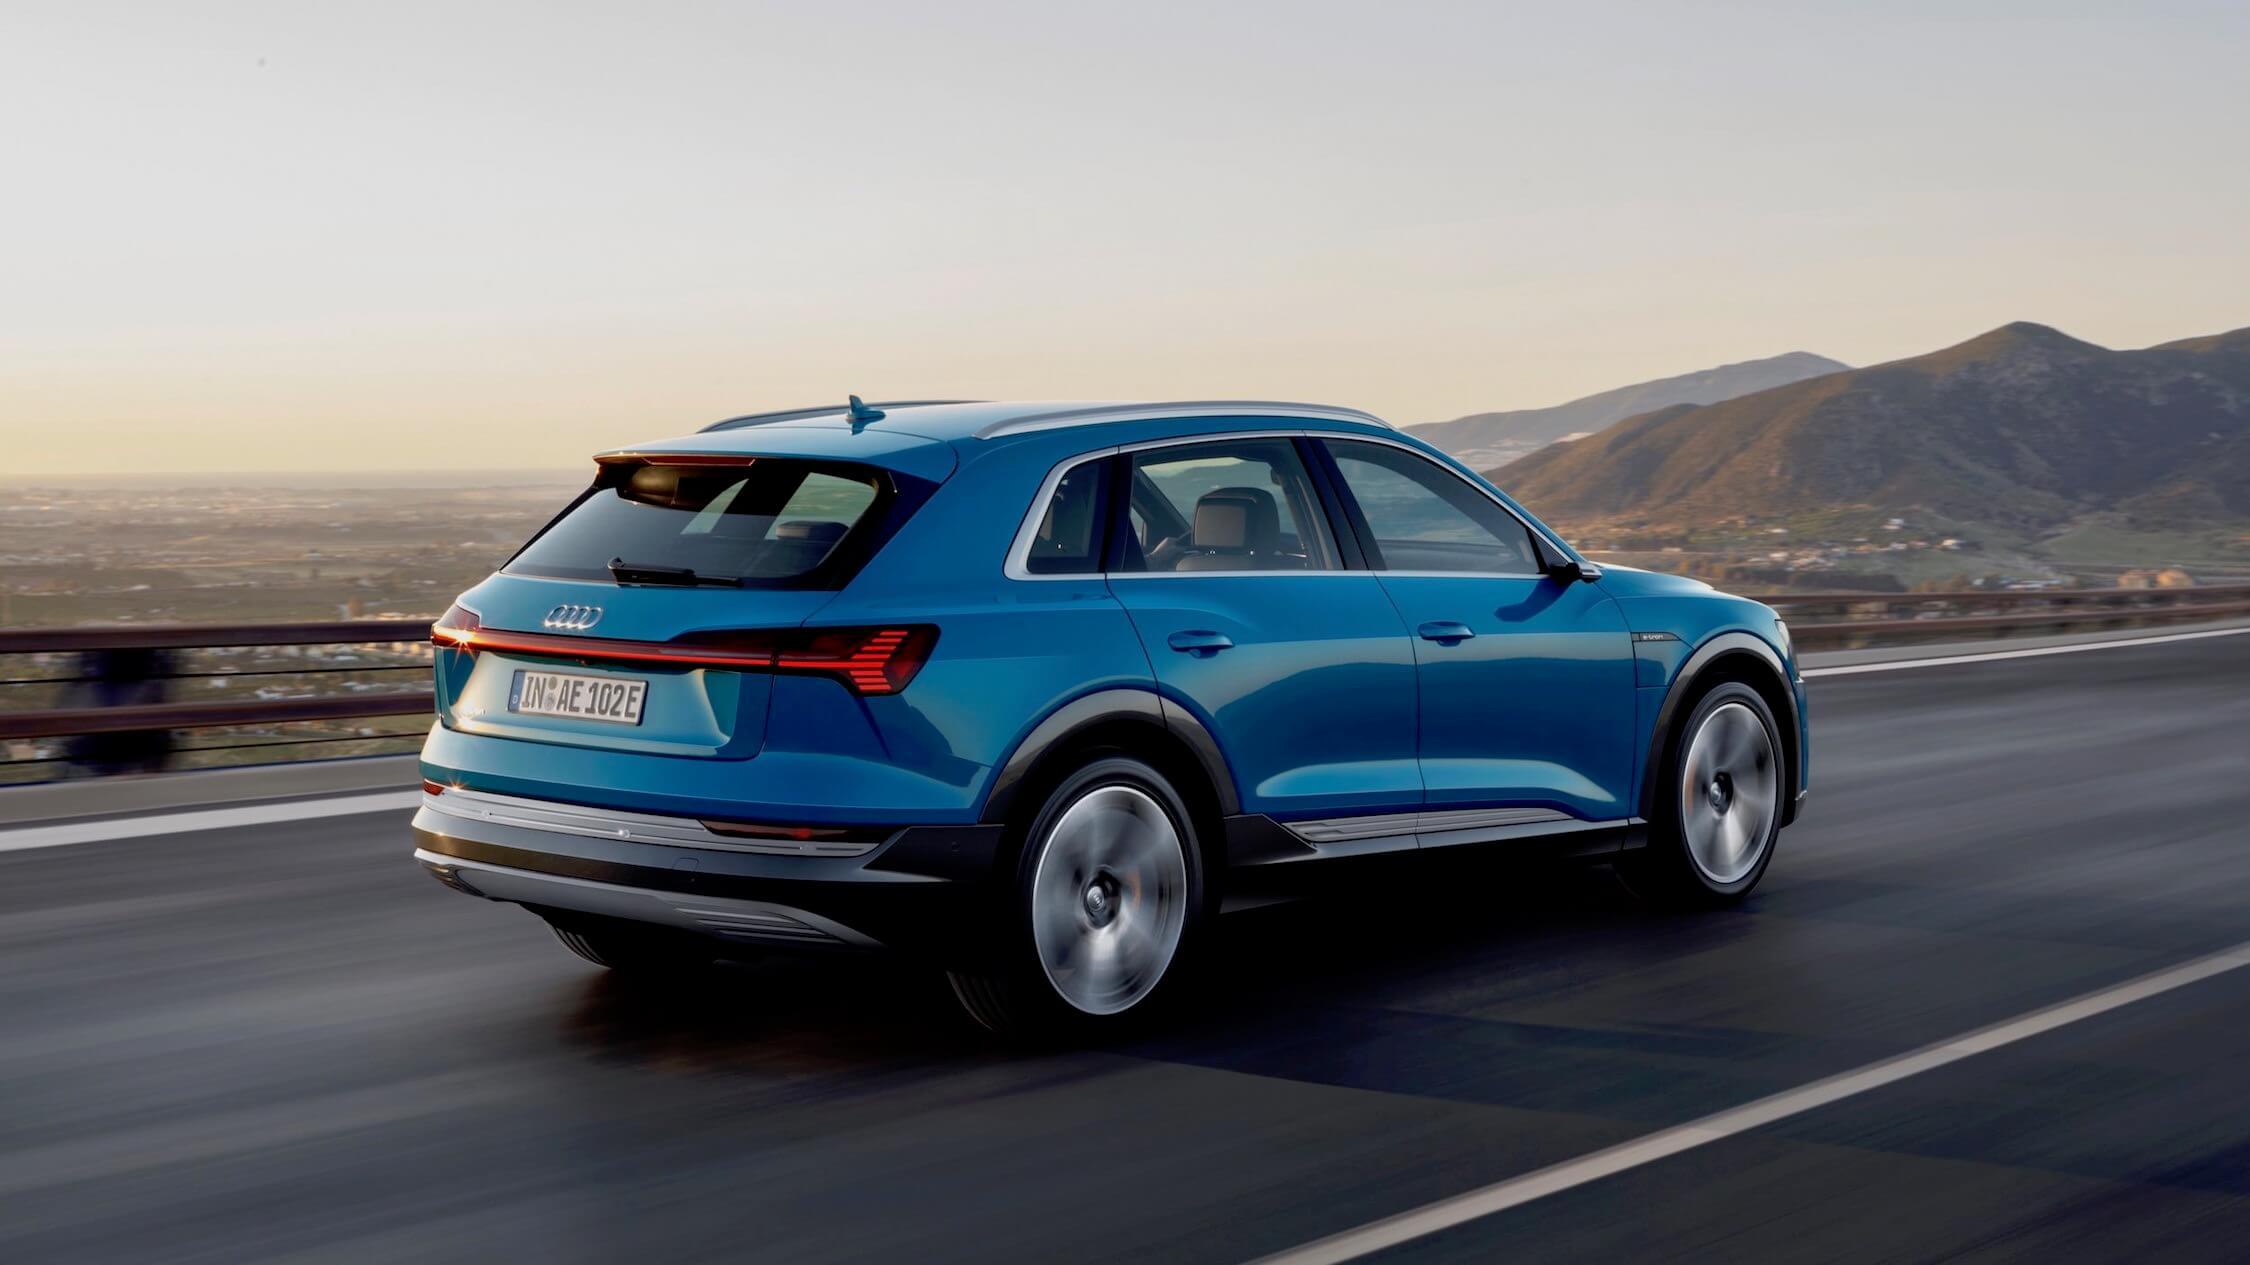 Audi-e-tron-elektrische-auto